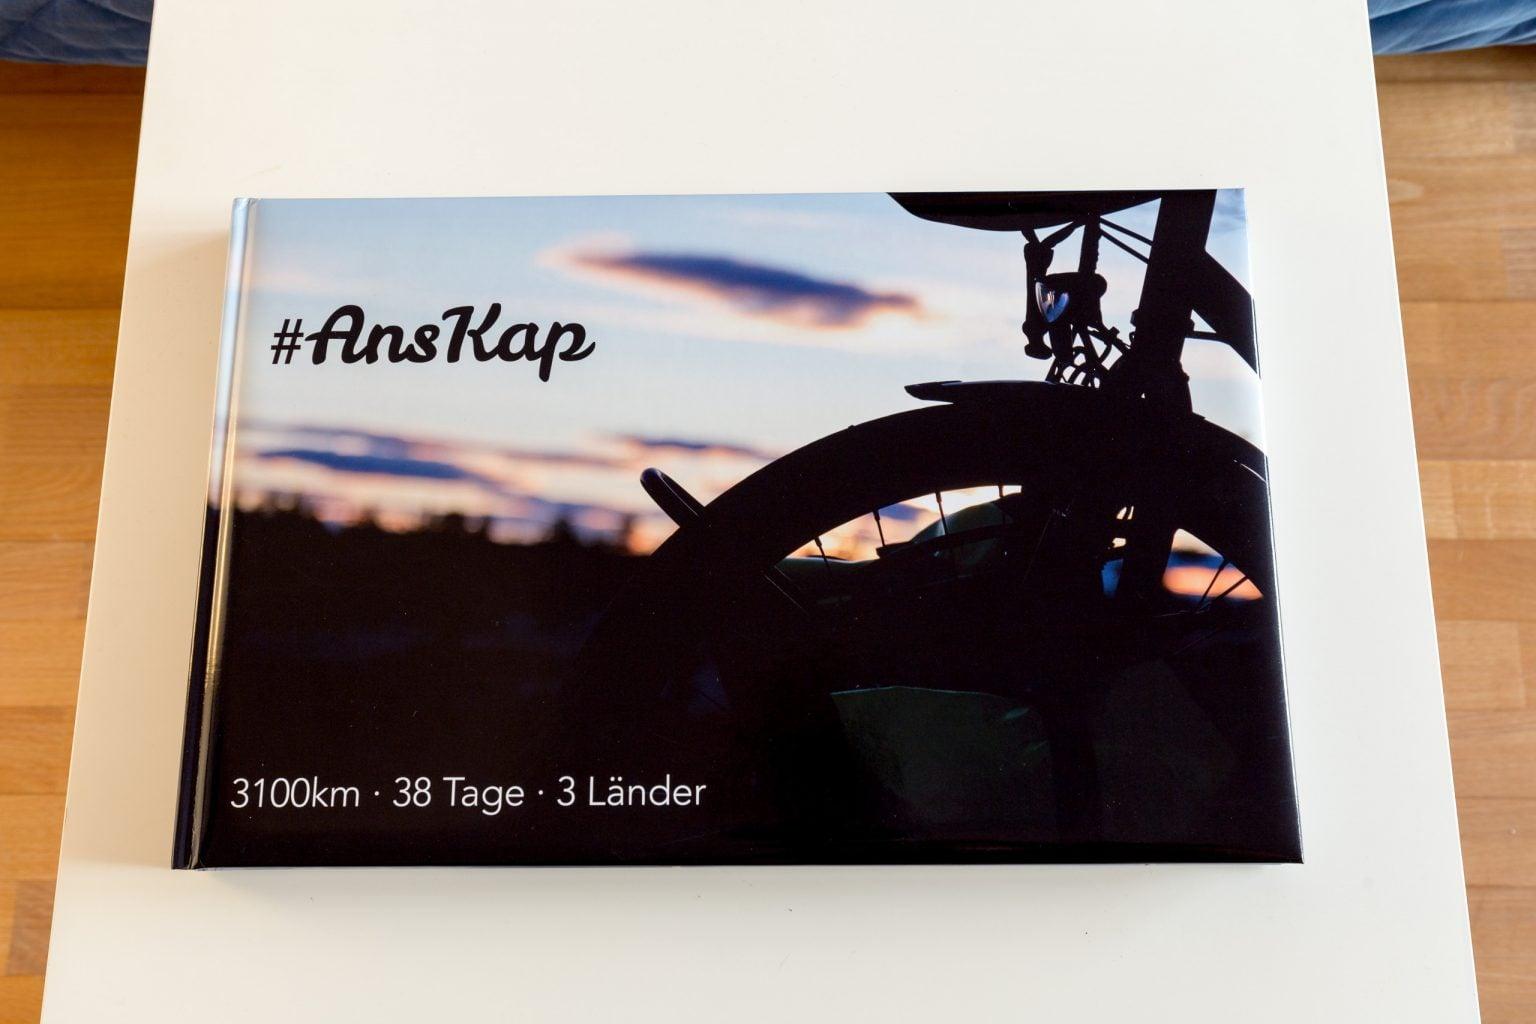 Bild des Frontcovers des Saal-Digital A3 Fotobuchs